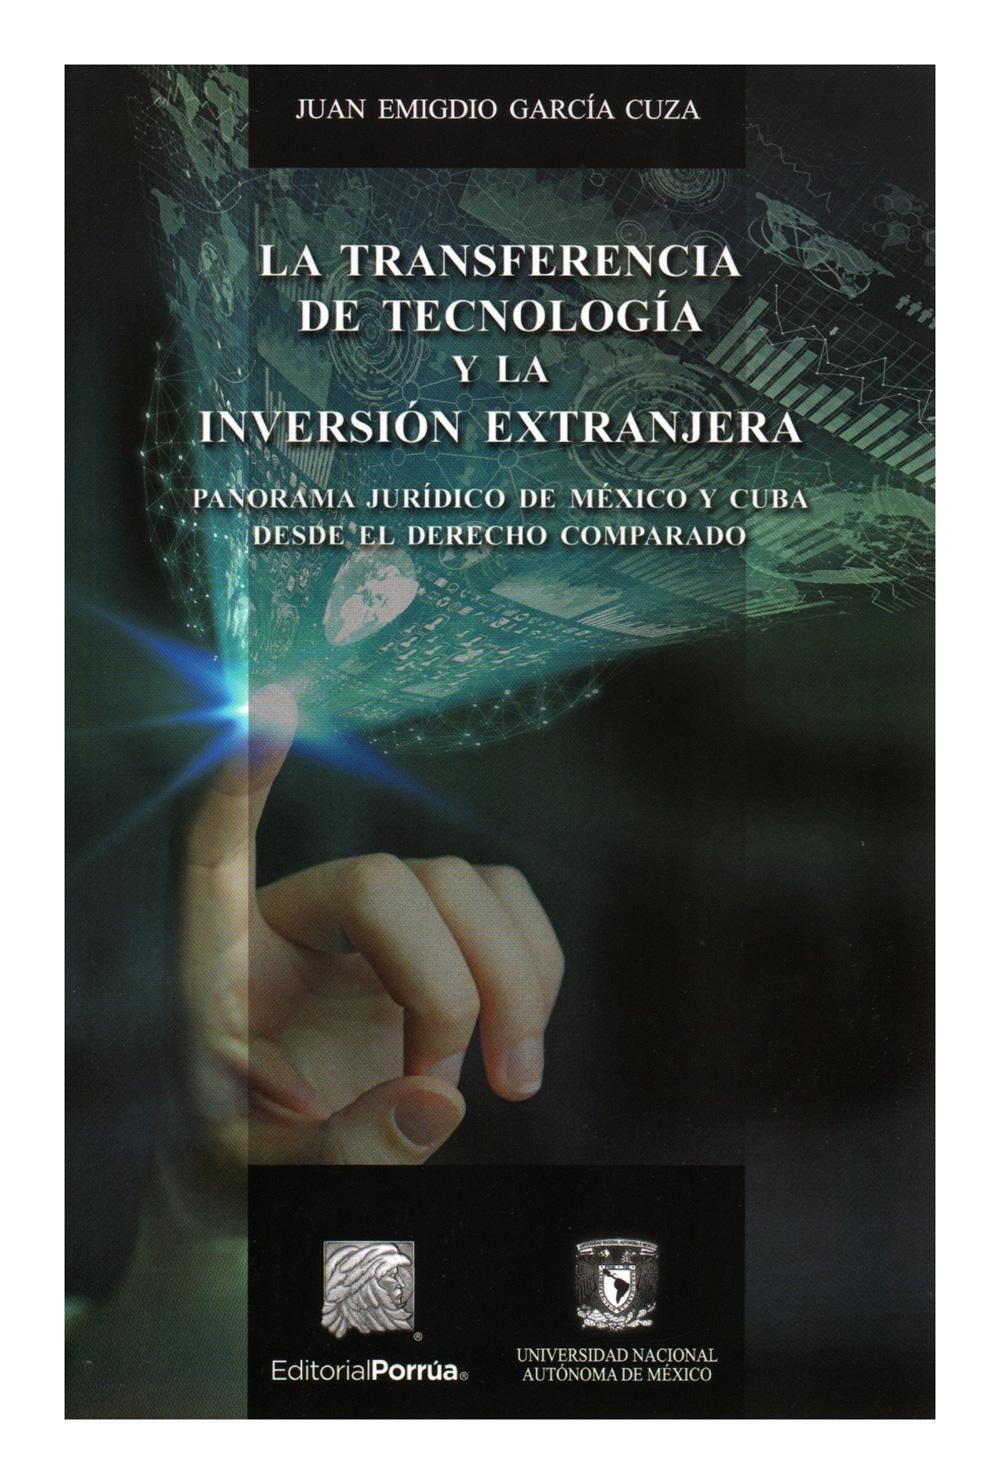 La transferencia de tecnología y la inversión extranjera. Panorama jurídico de México y Cuba desde el derecho comparado